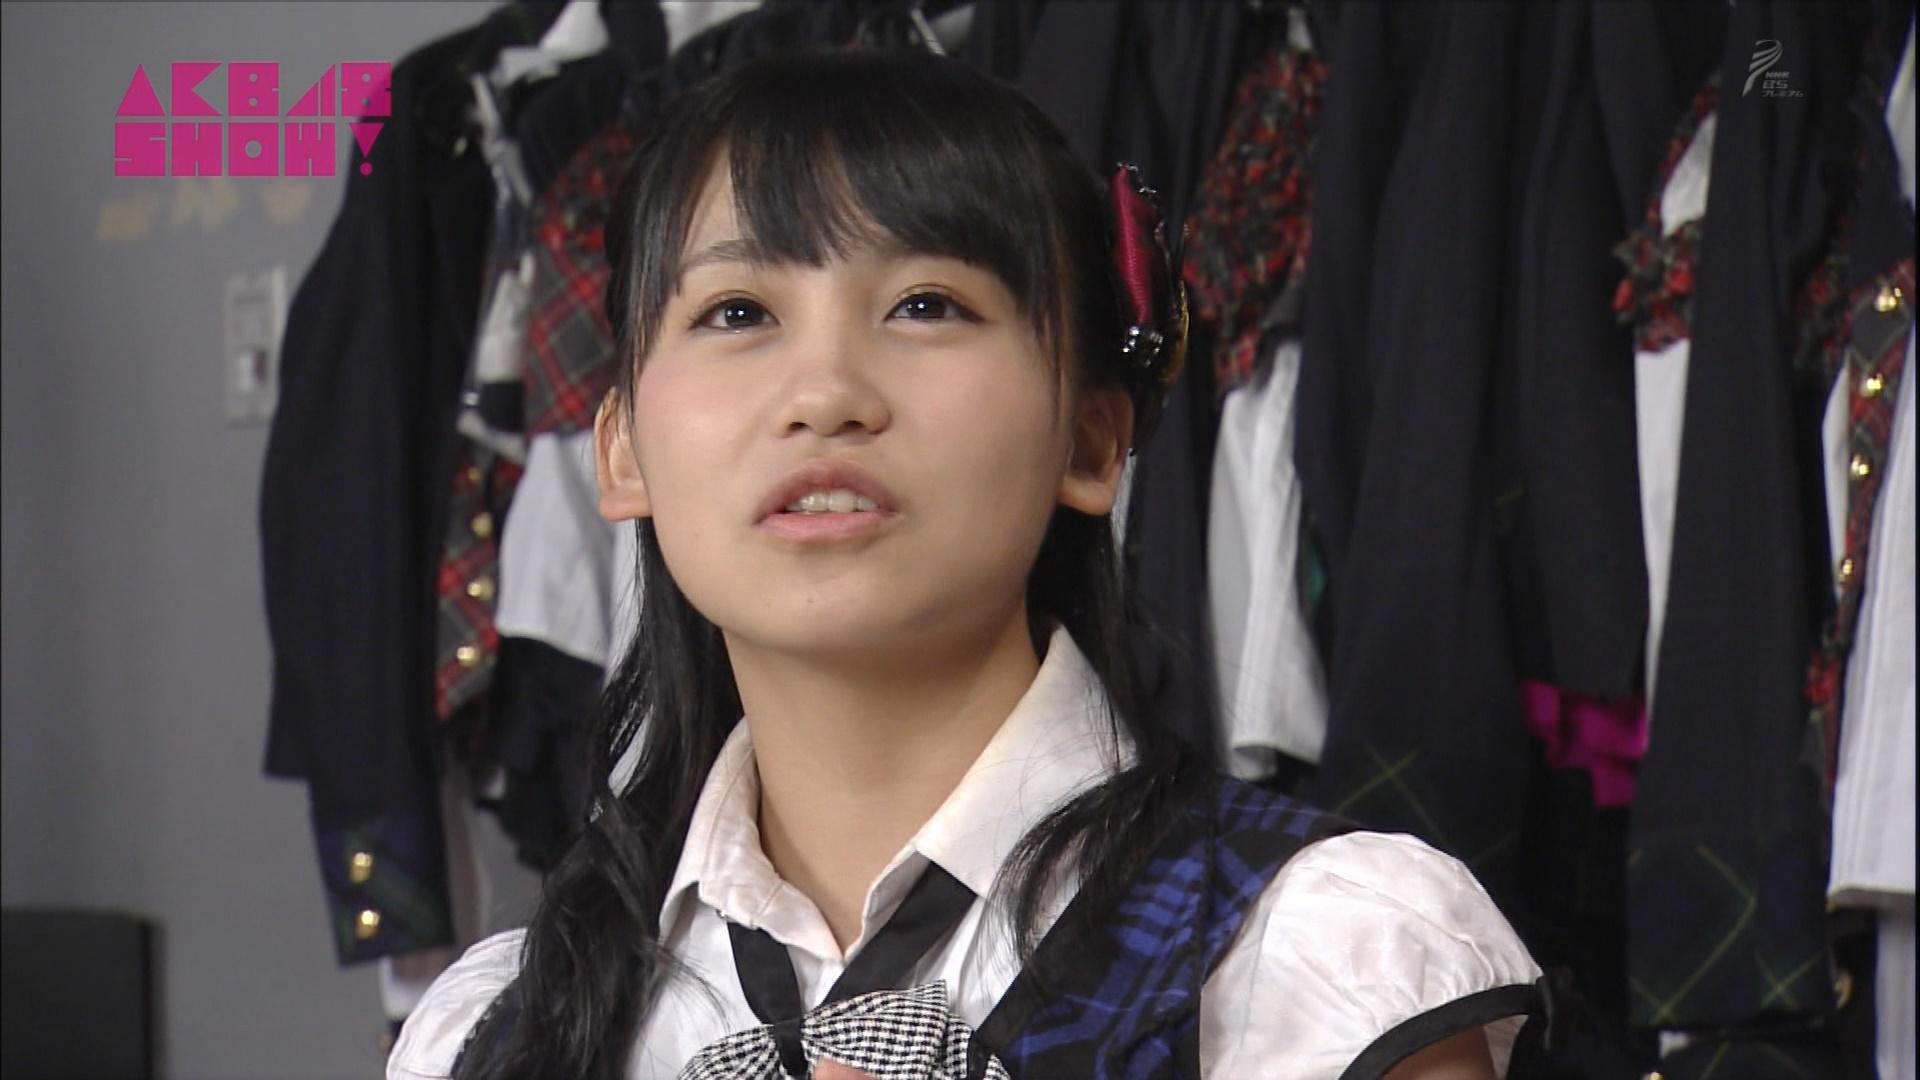 小嶋真子 彼女になれますか AKB48SHOW! 20140906 (10)